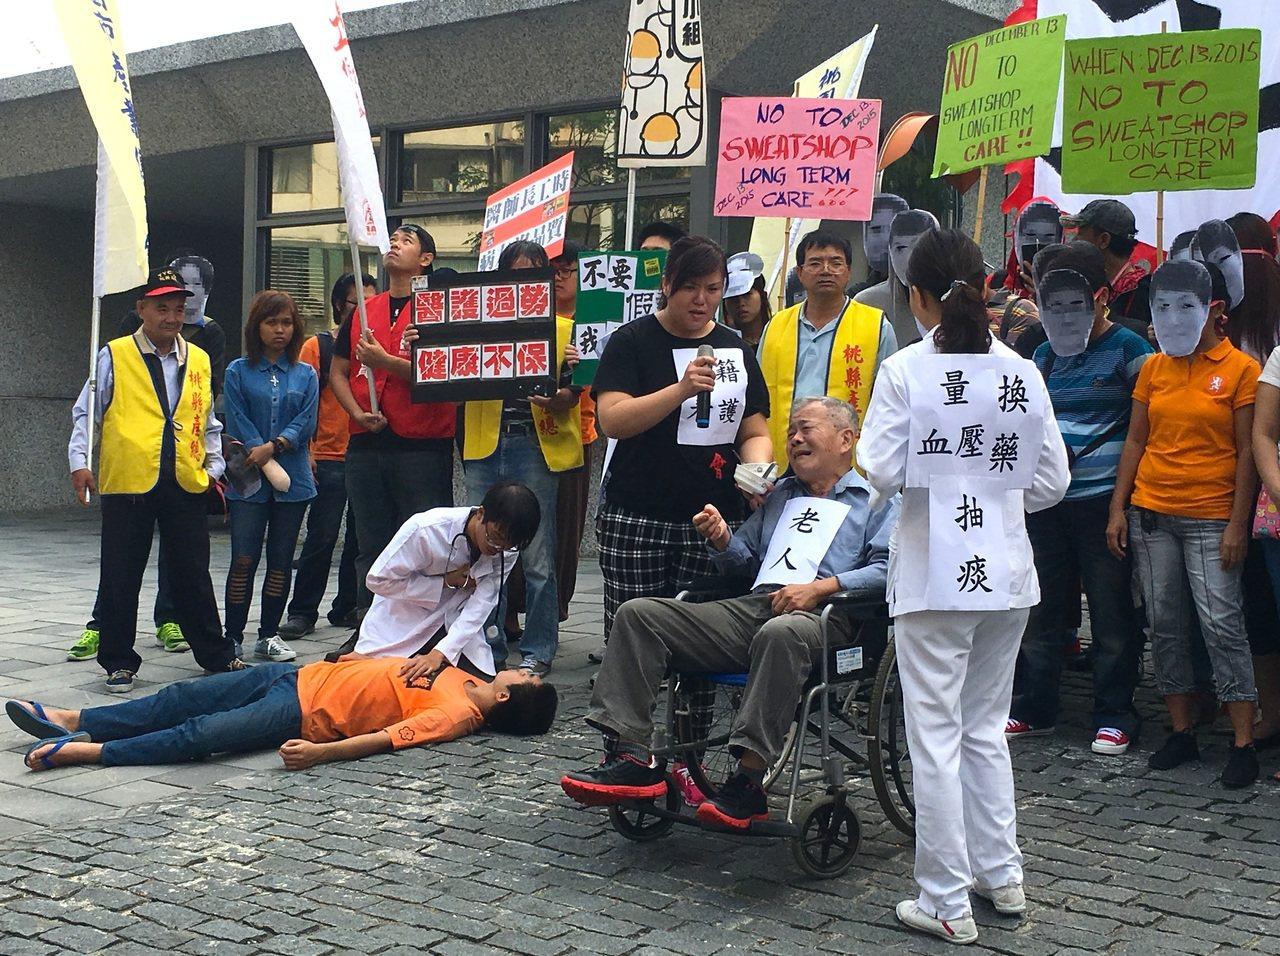 去年醫護與照顧人員赴衛福部抗議,上演行動劇呈現血汗狀況。記者江慧珺/攝影